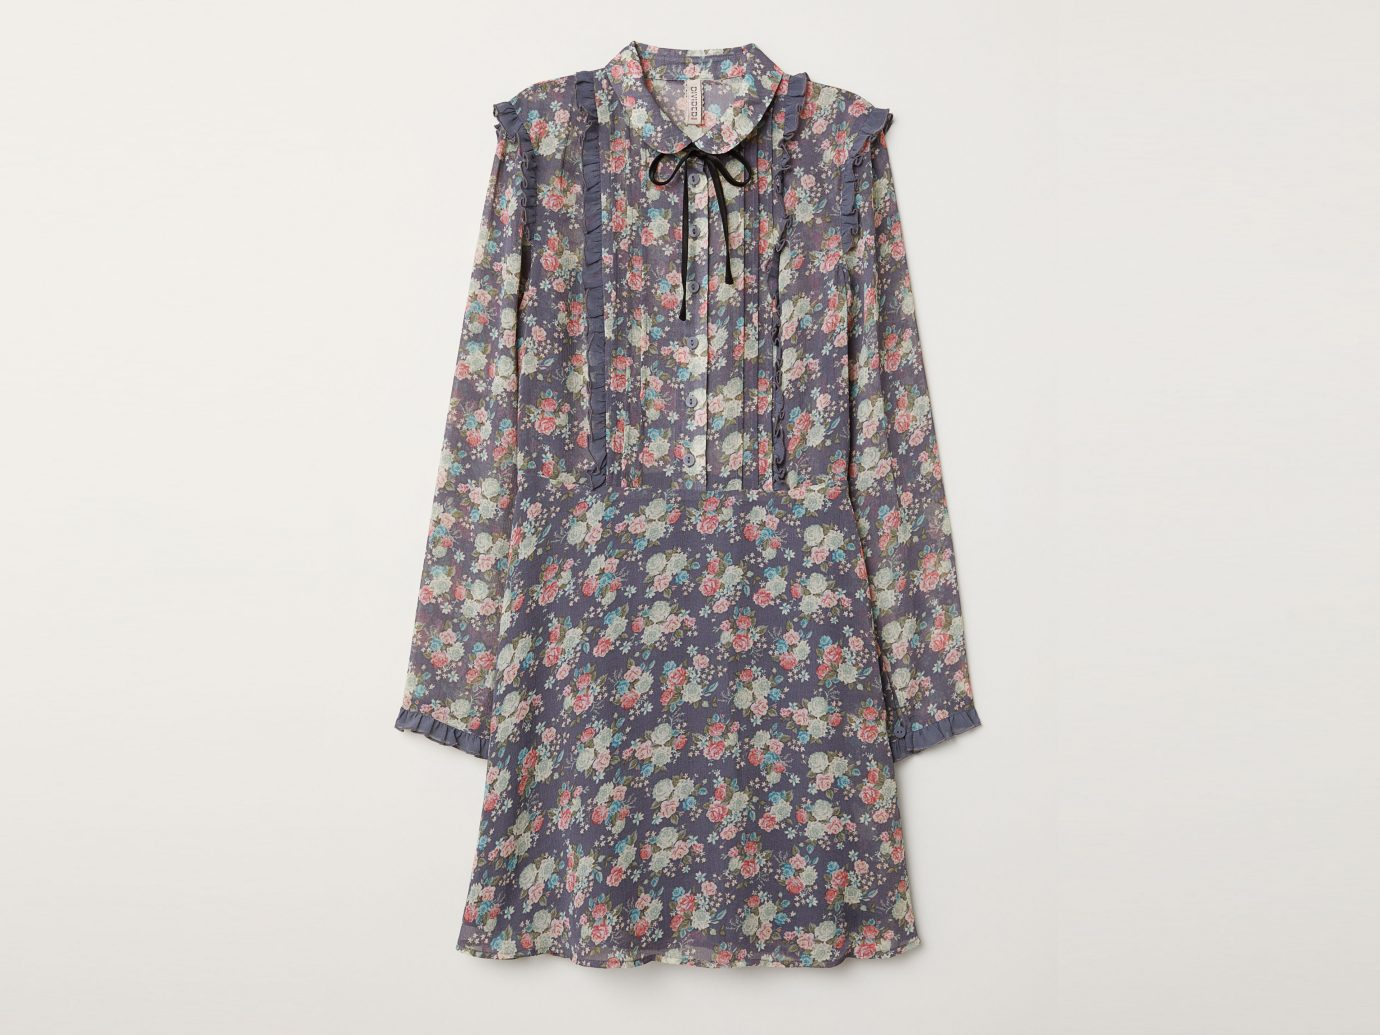 H&M Ruffled Chiffon Dress